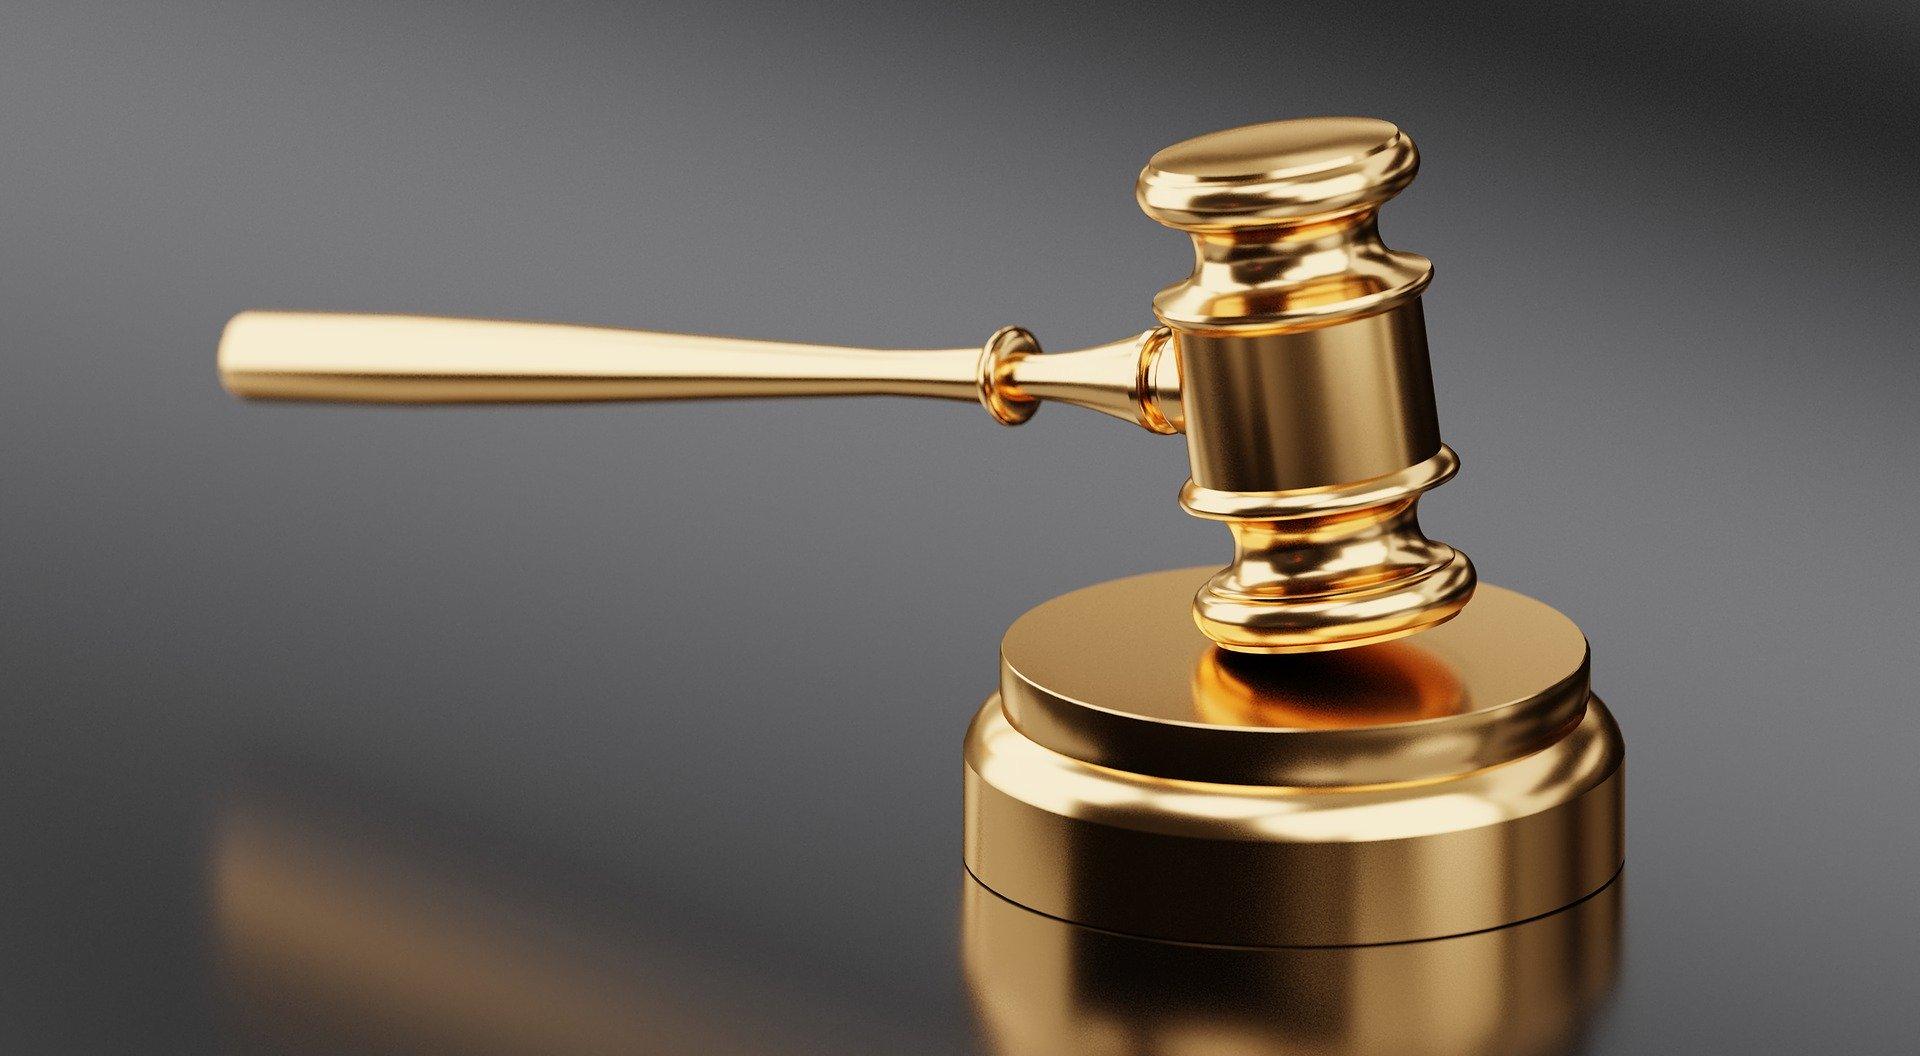 Щодо порушення відповідачами умов проведення процедури закупівлі